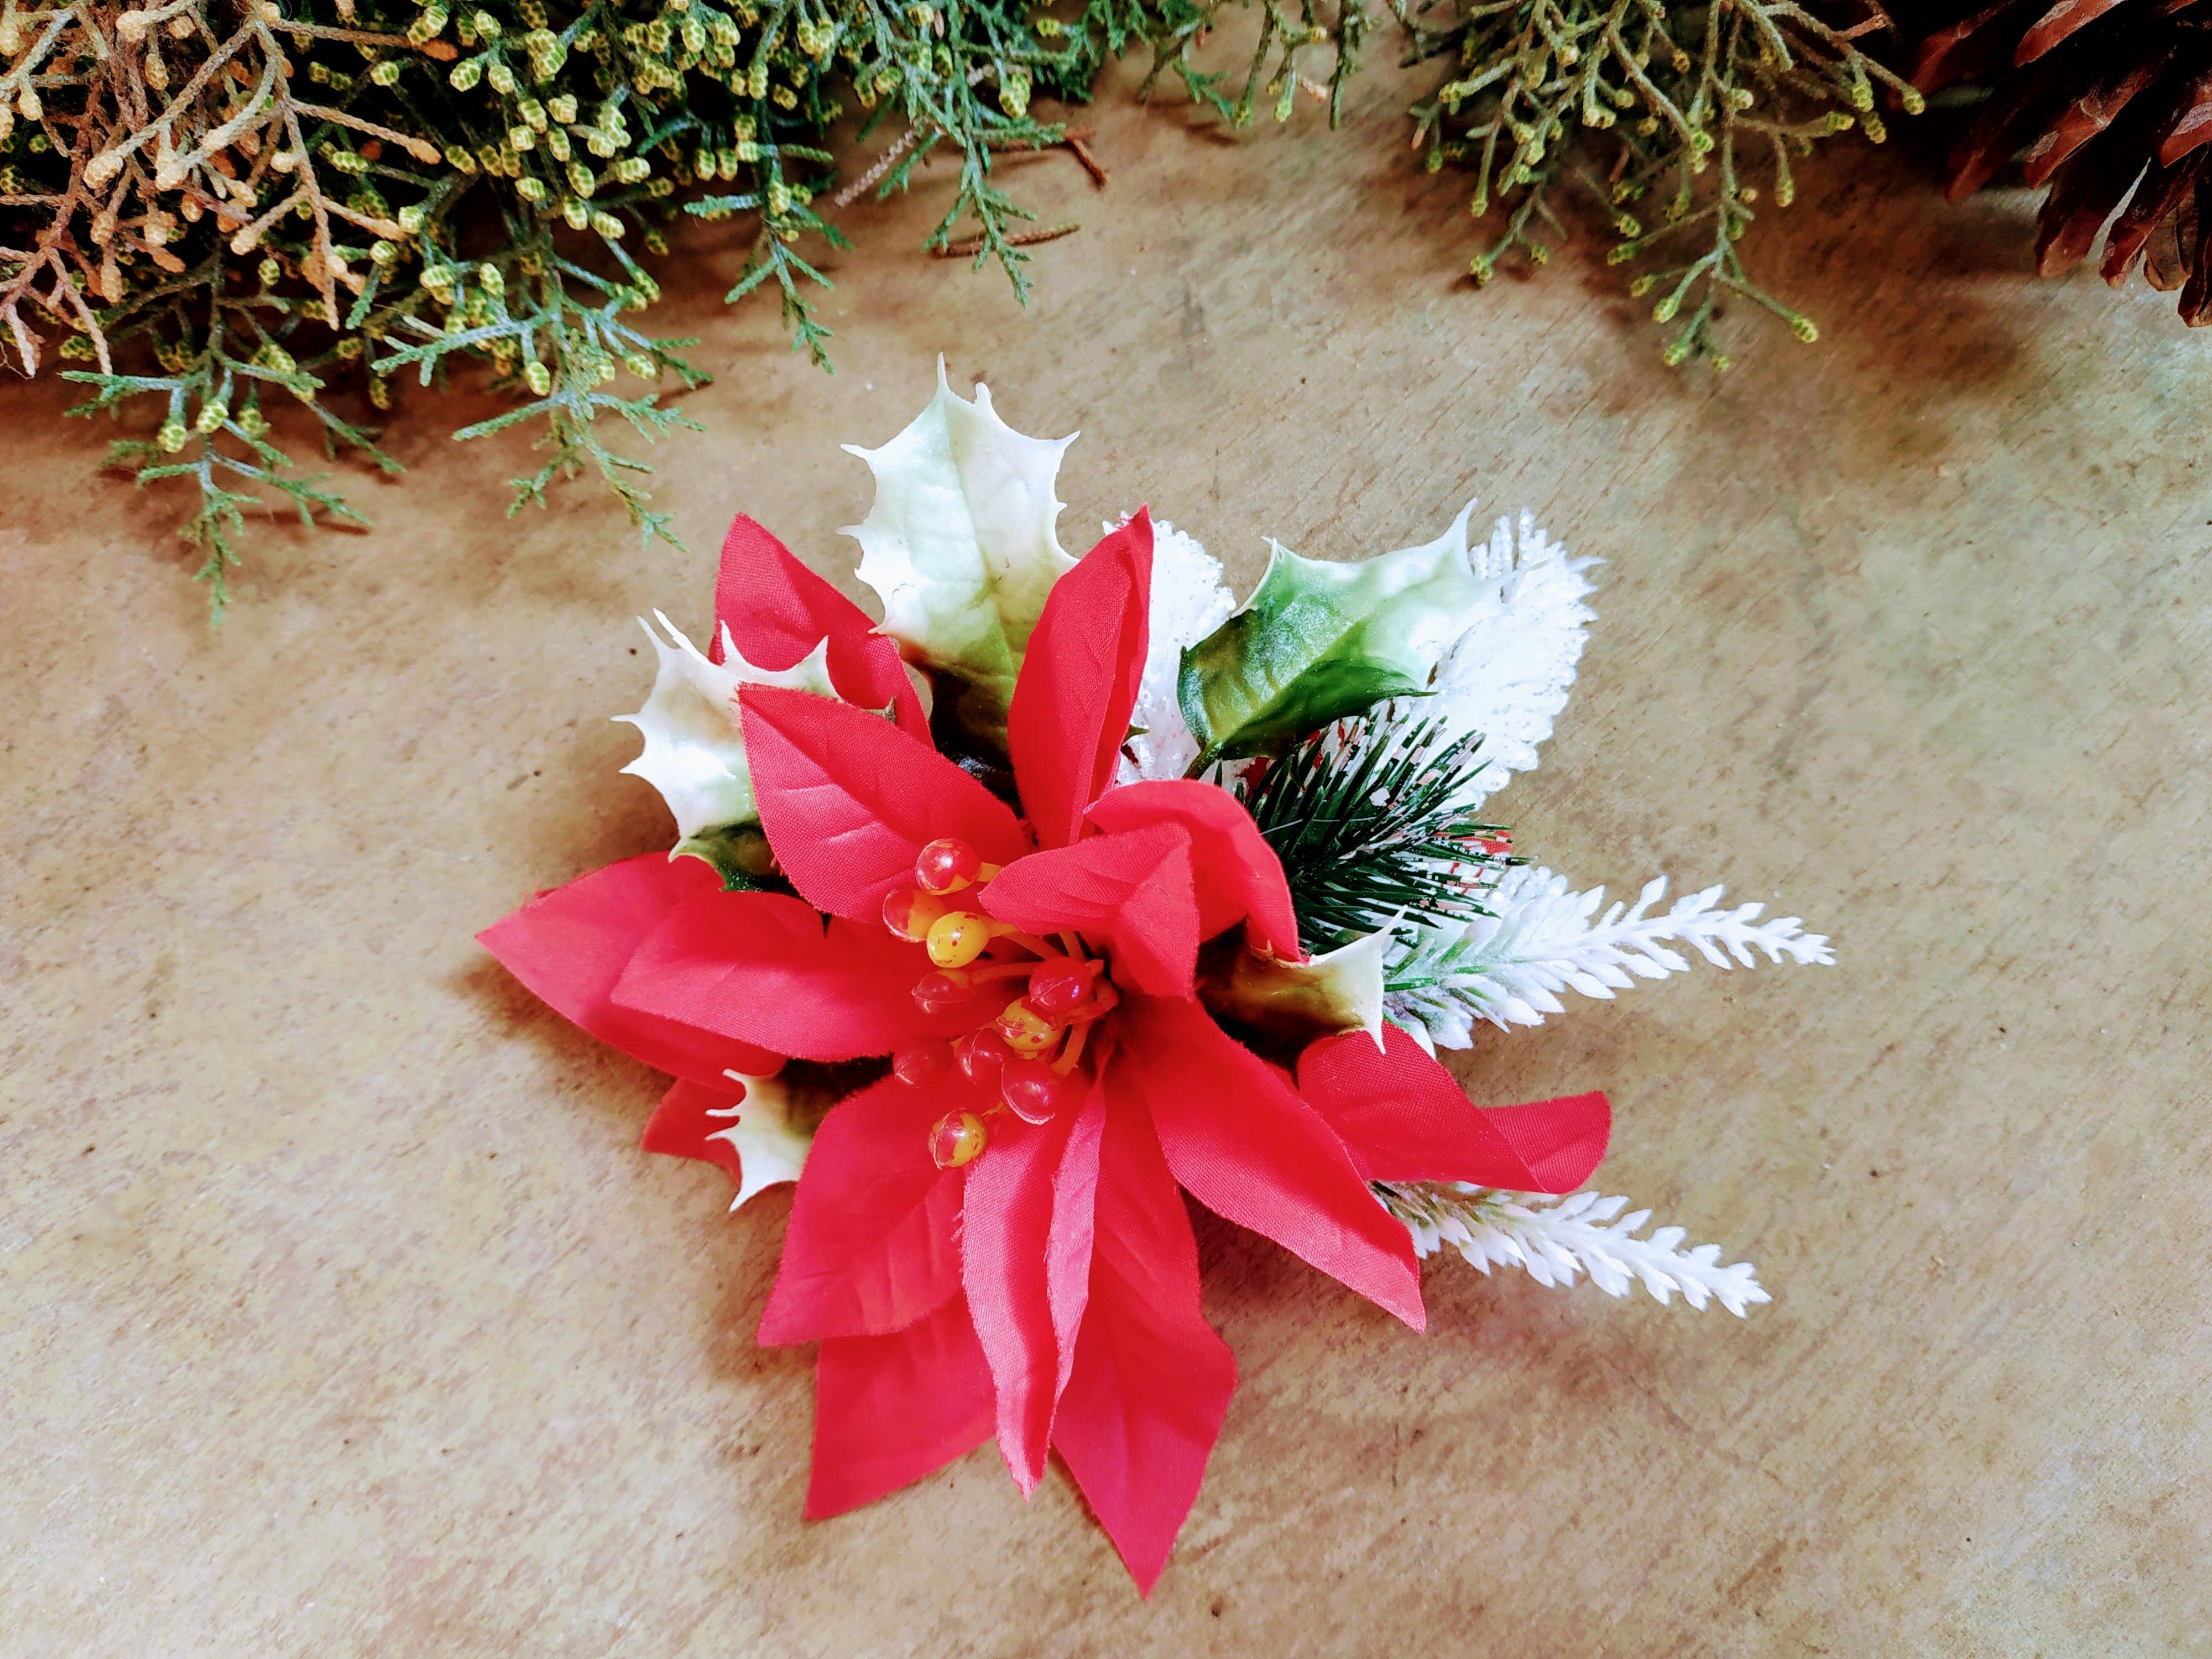 Christmas Flower Hair Clip Accessory Poinsettia Mistletoe Etsy Xmas Hair Accessories Flower Hair Accessories Flower Hair Clips